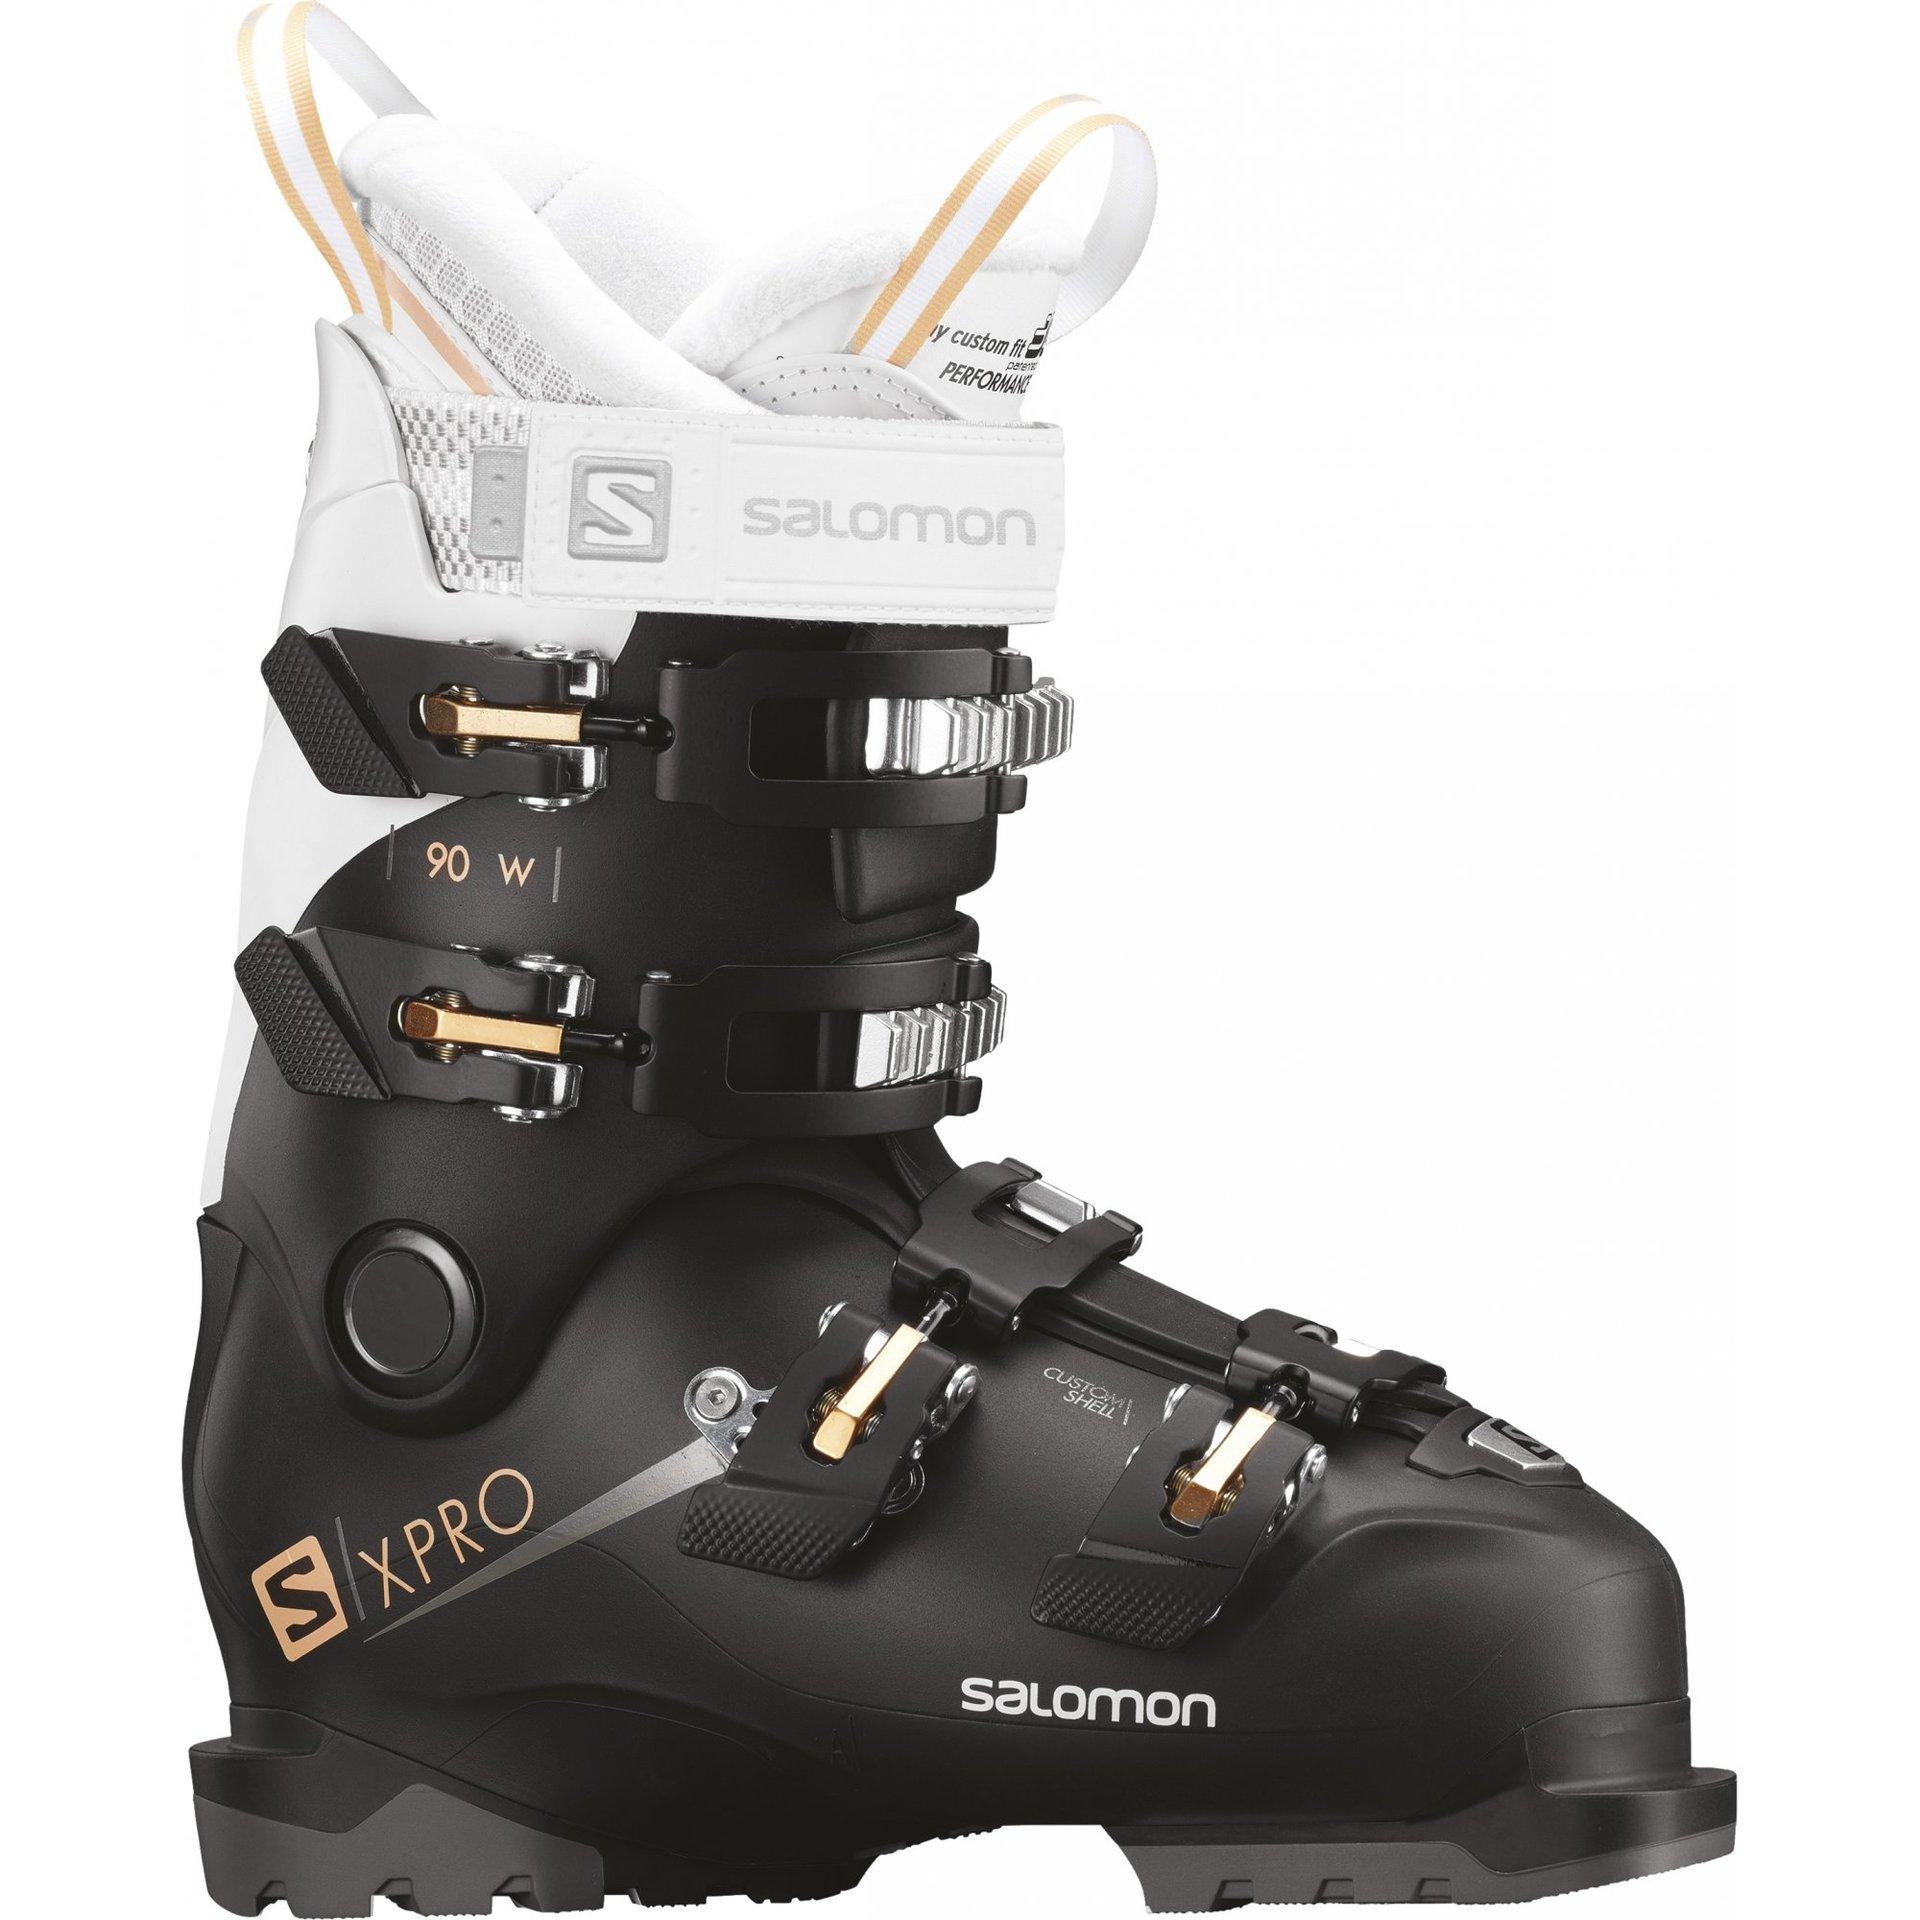 BUTY NARCIARSKIE SALOMON X PRO 90 W 405517